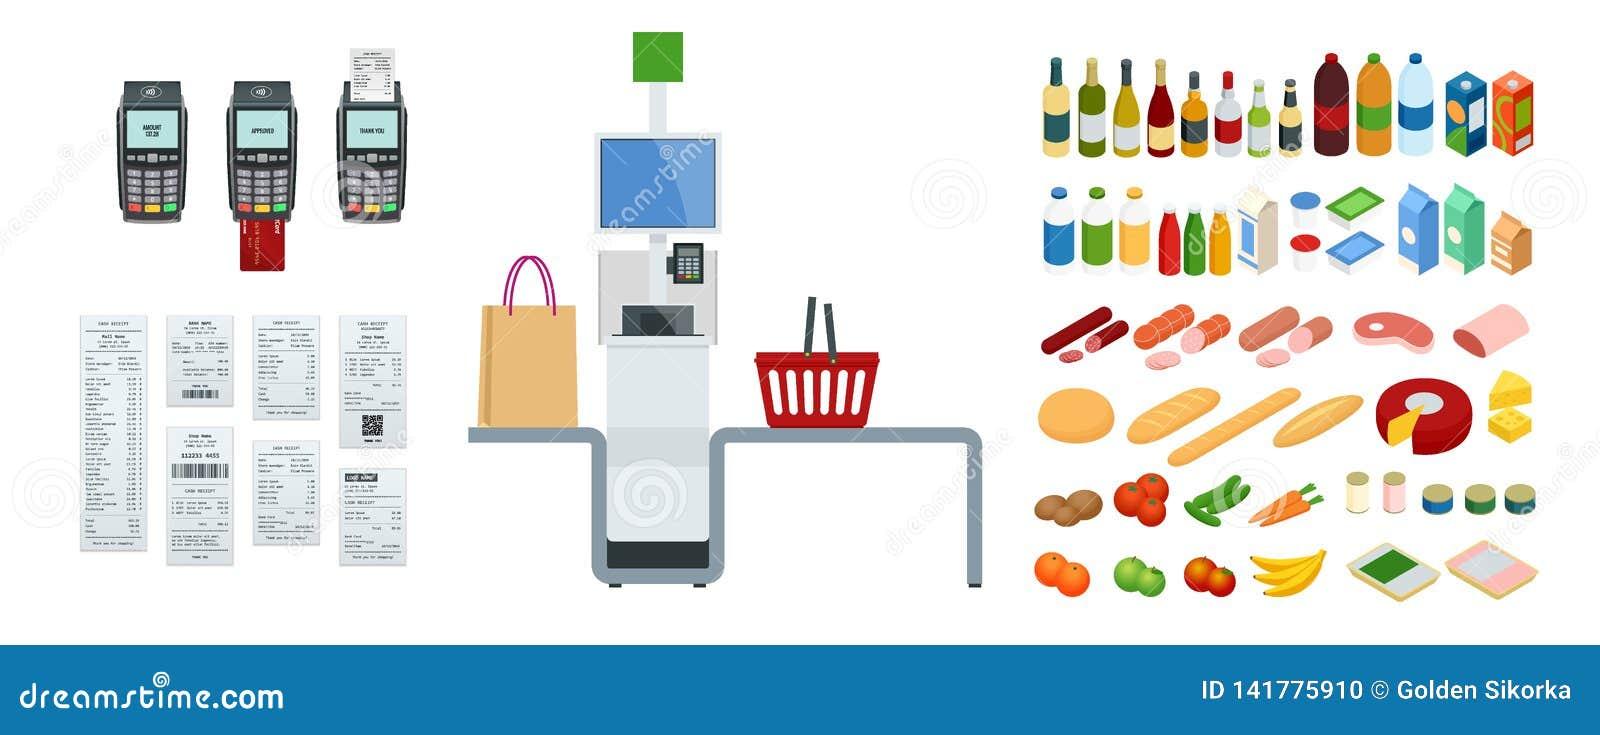 Cajero o terminal isométrico del autoservicio El punto con el pago y envío del autoservicio en el supermercado